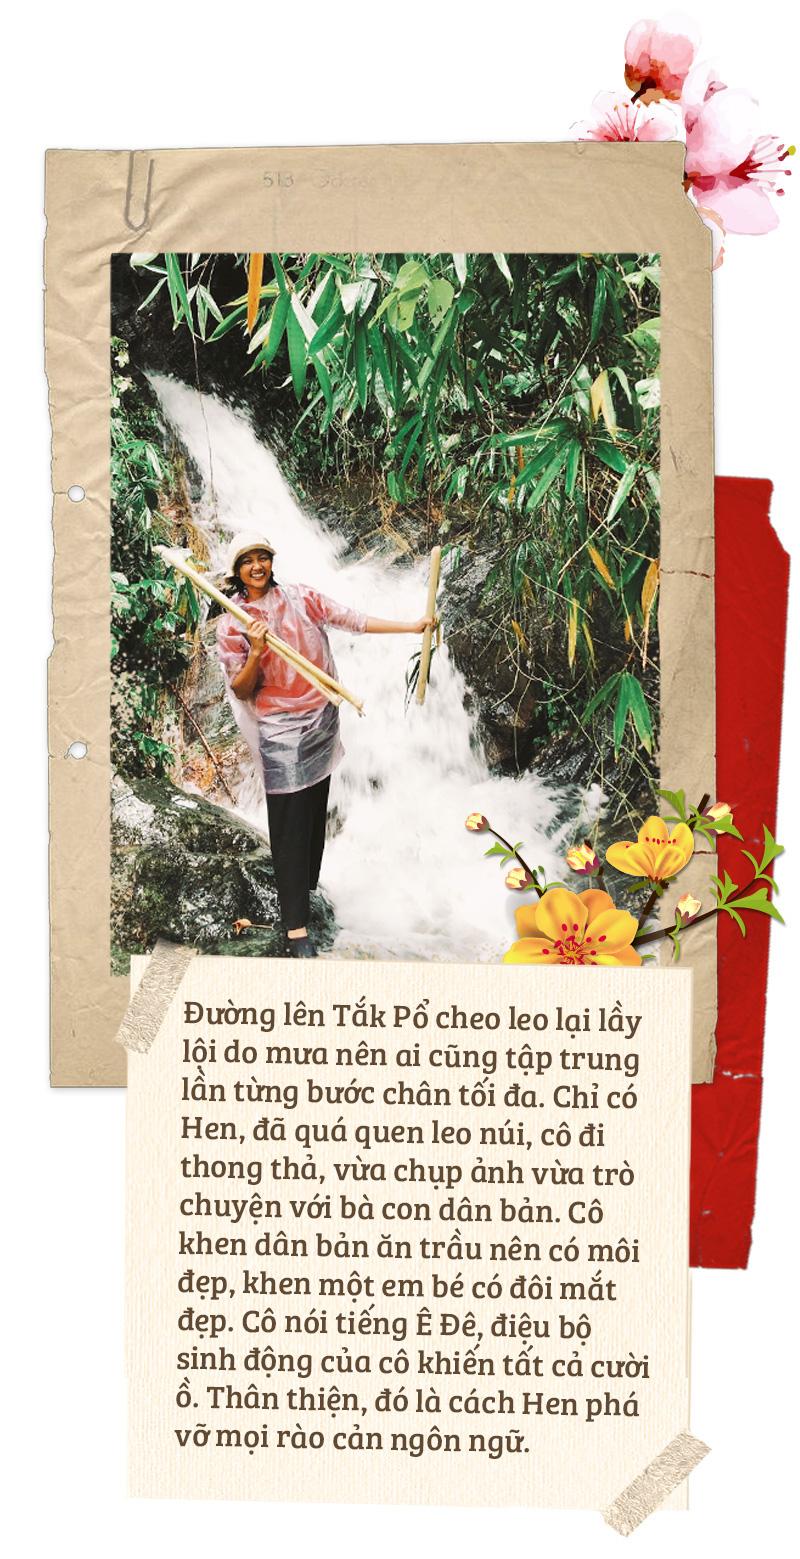 Tuổi Trẻ, HHen Niê đến với cô trò Tắk Pổ và câu chuyện bìa báo Tết Canh Tý 2020 - Ảnh 7.